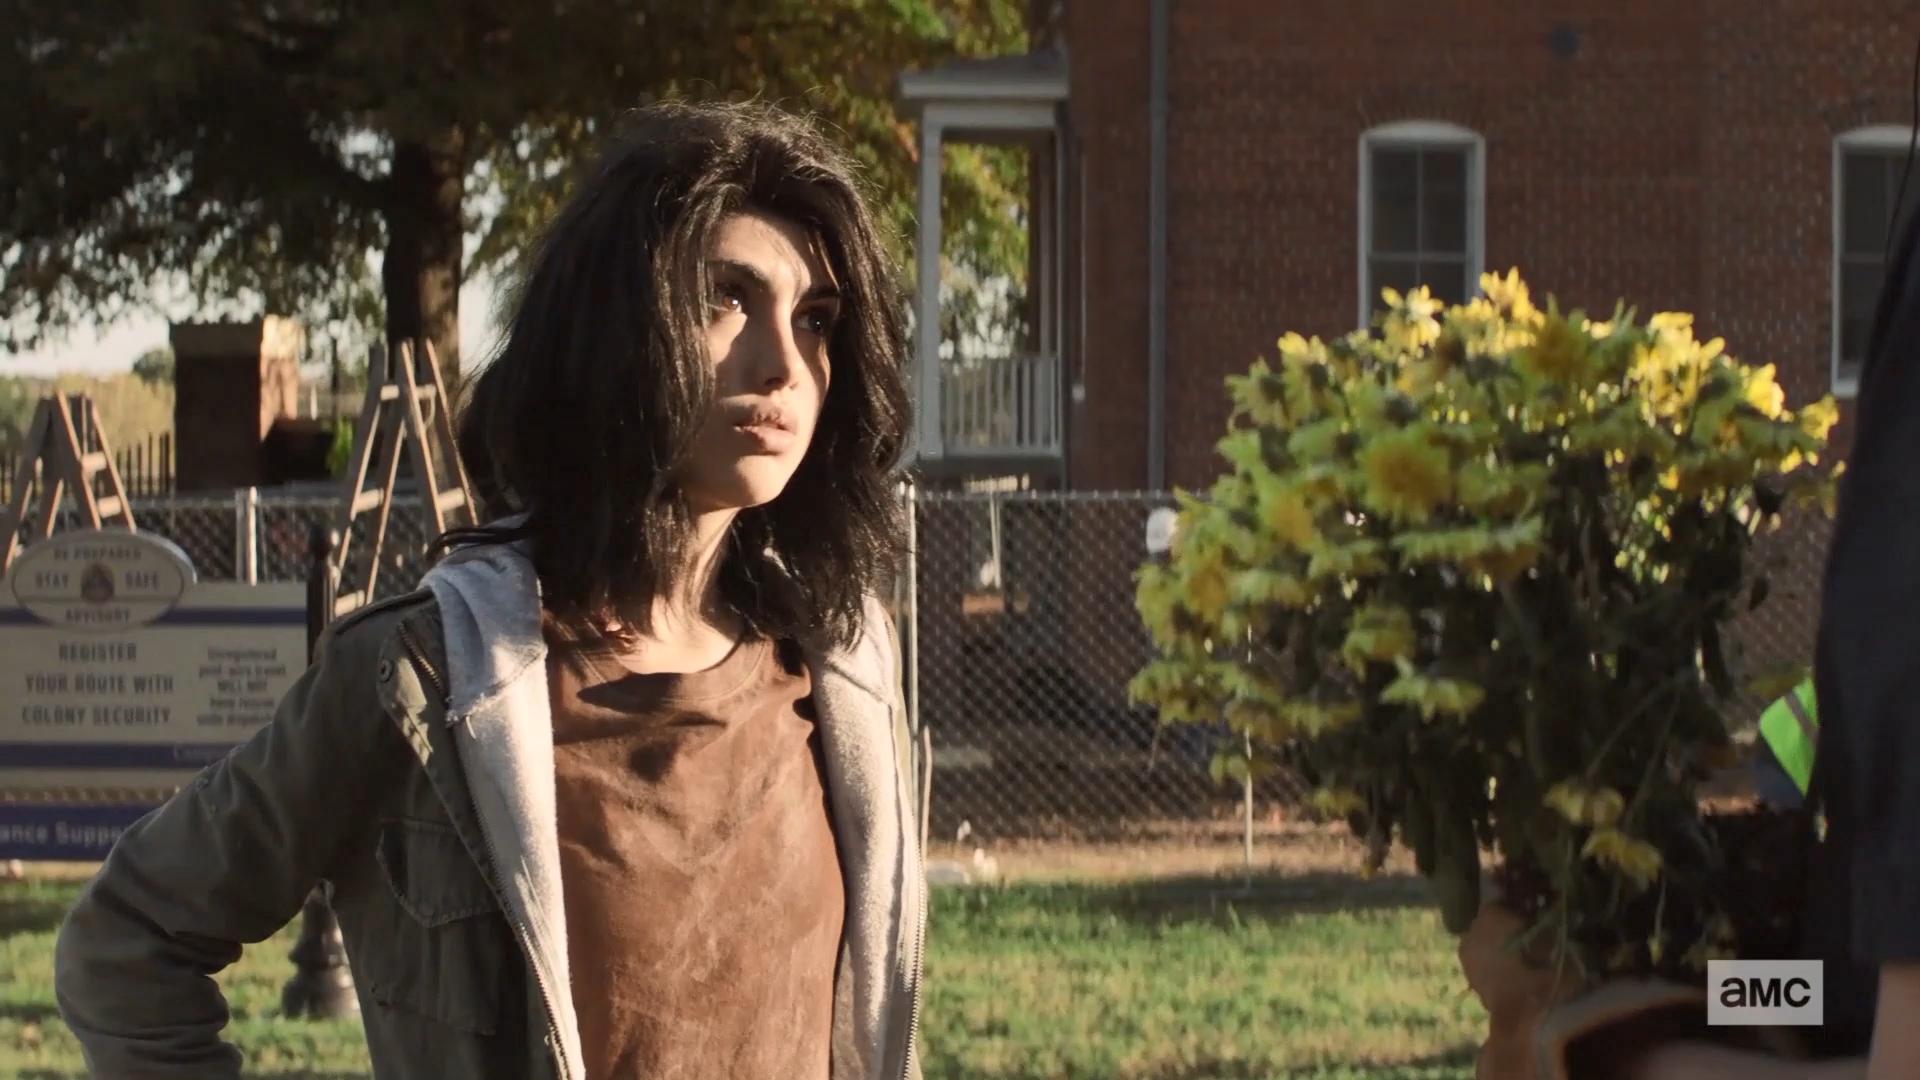 Изображение для Ходячие мертвецы: Мир за пределами / The Walking Dead: World Beyond, Сезон 1, Серия 1-10 из 10 (2020) WEB-DLRip 1080p (кликните для просмотра полного изображения)